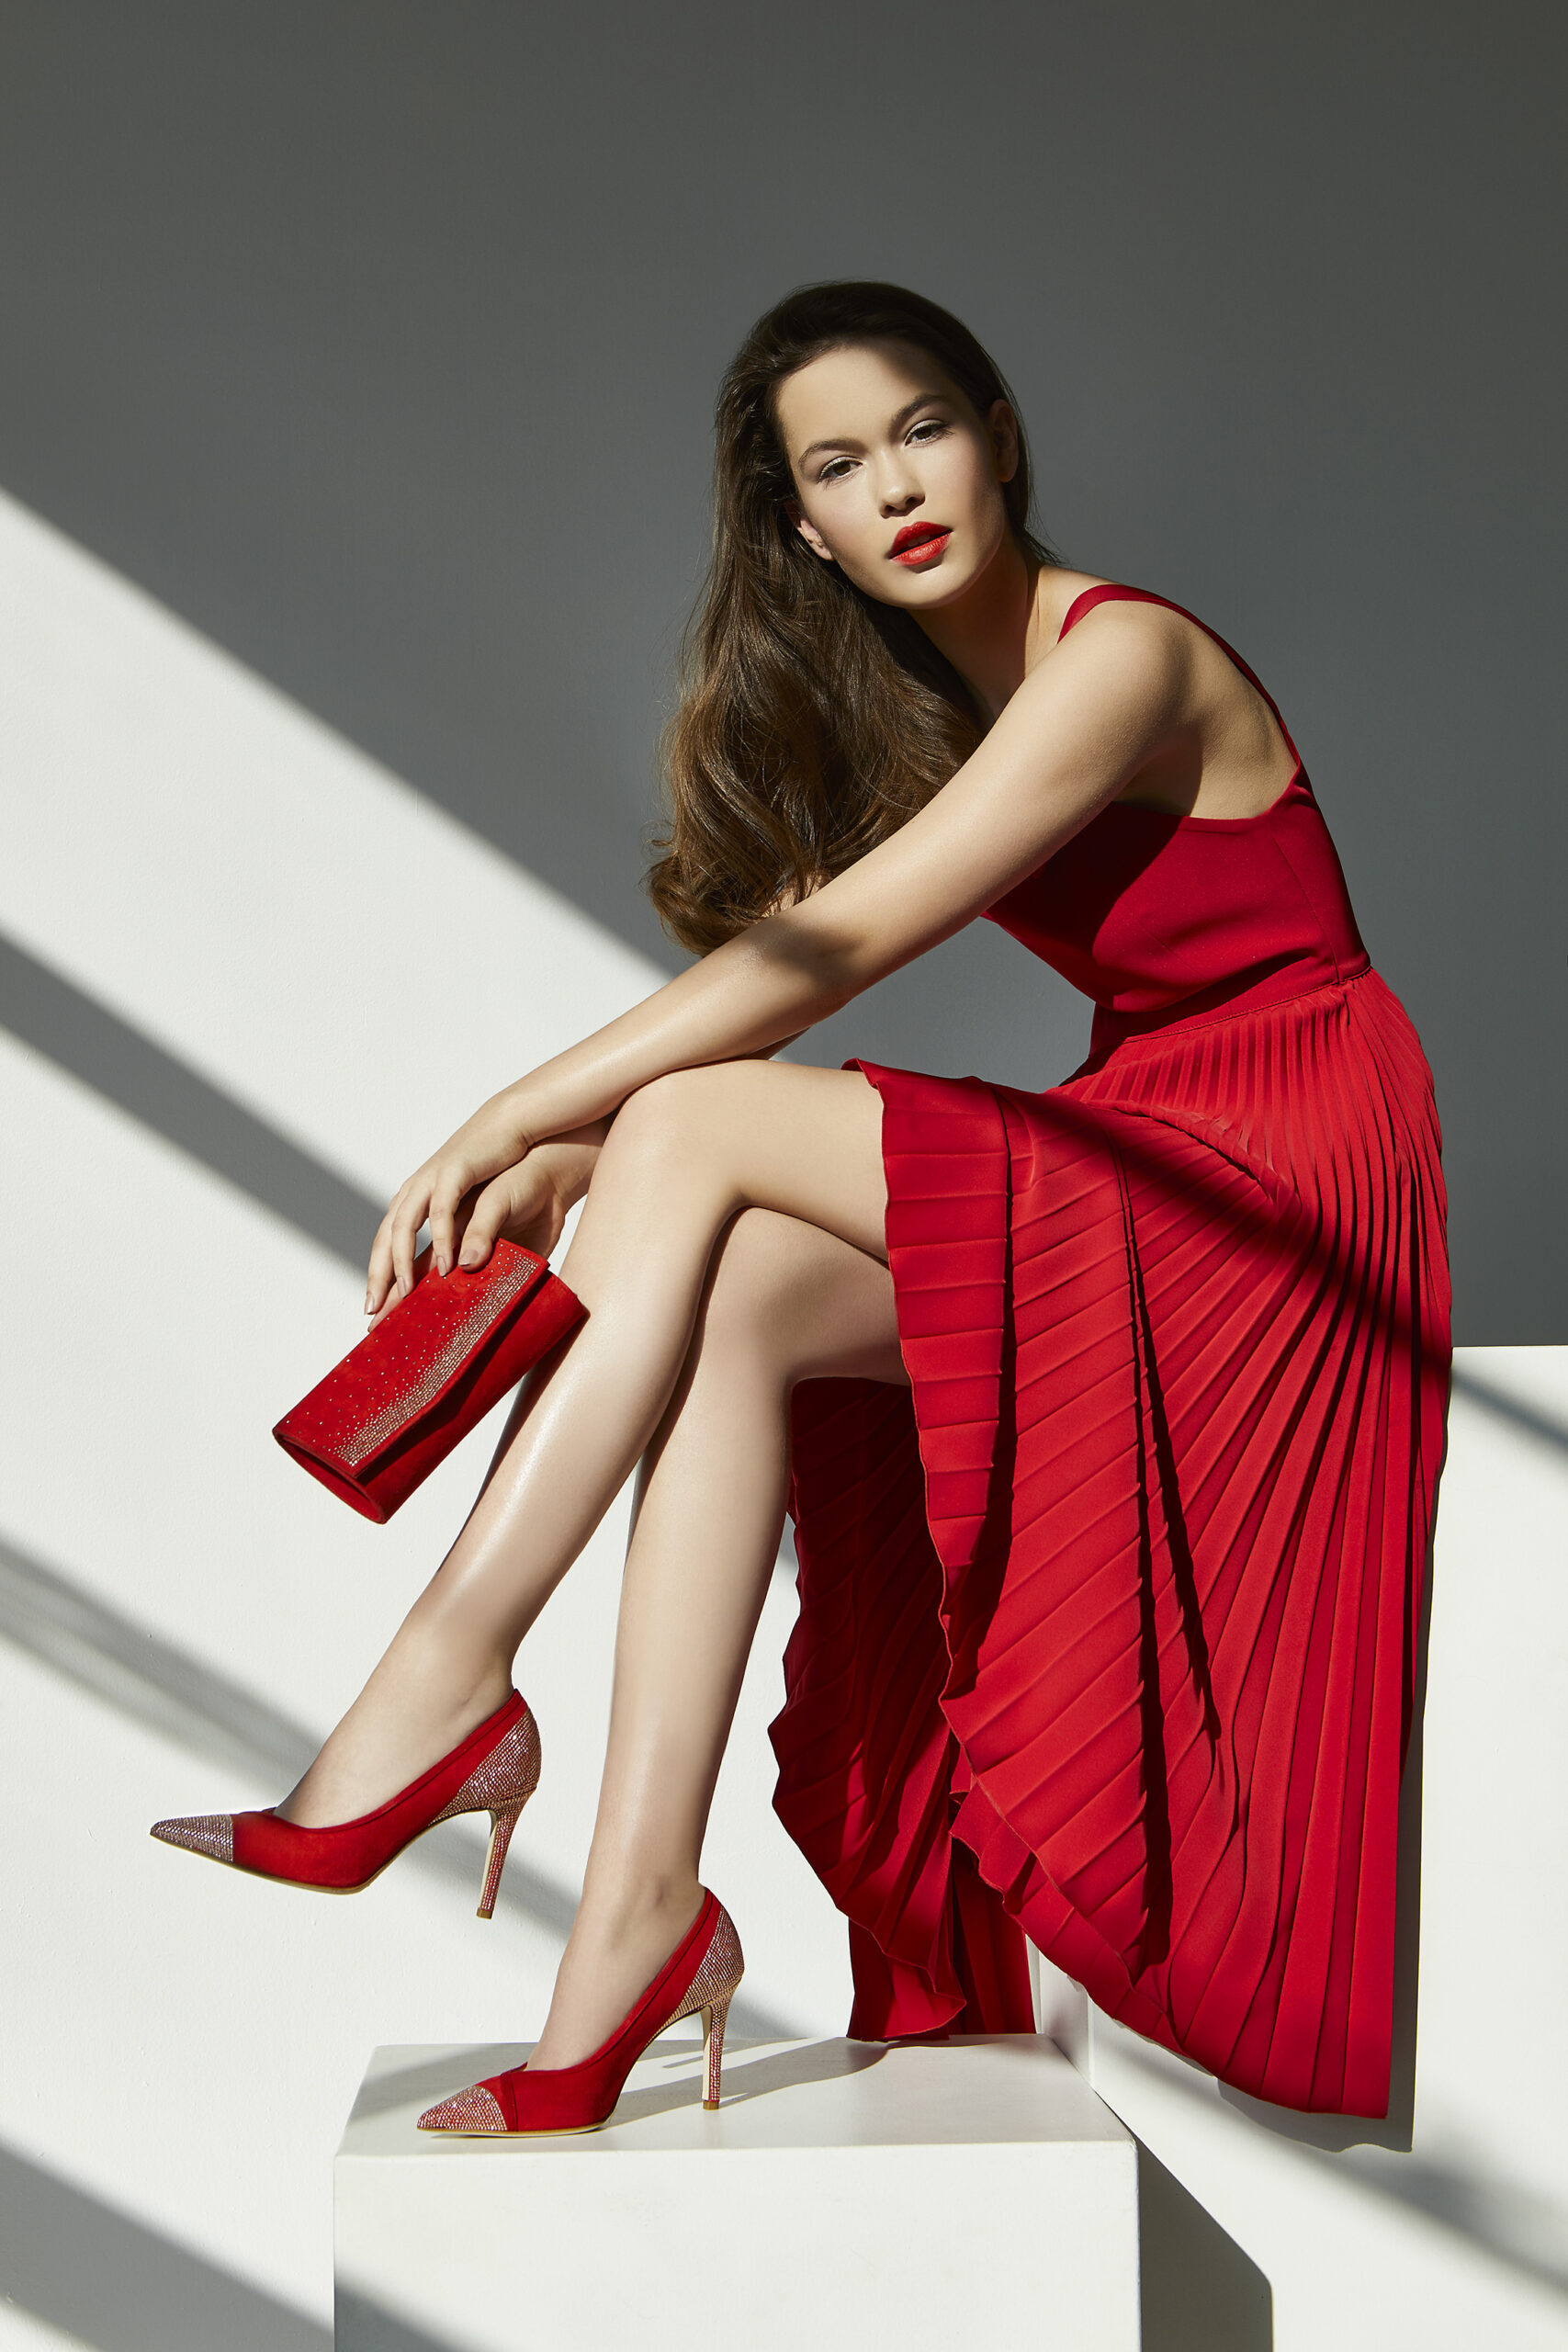 FIORANGELO collezione donna ss20 tacco rosso copertina